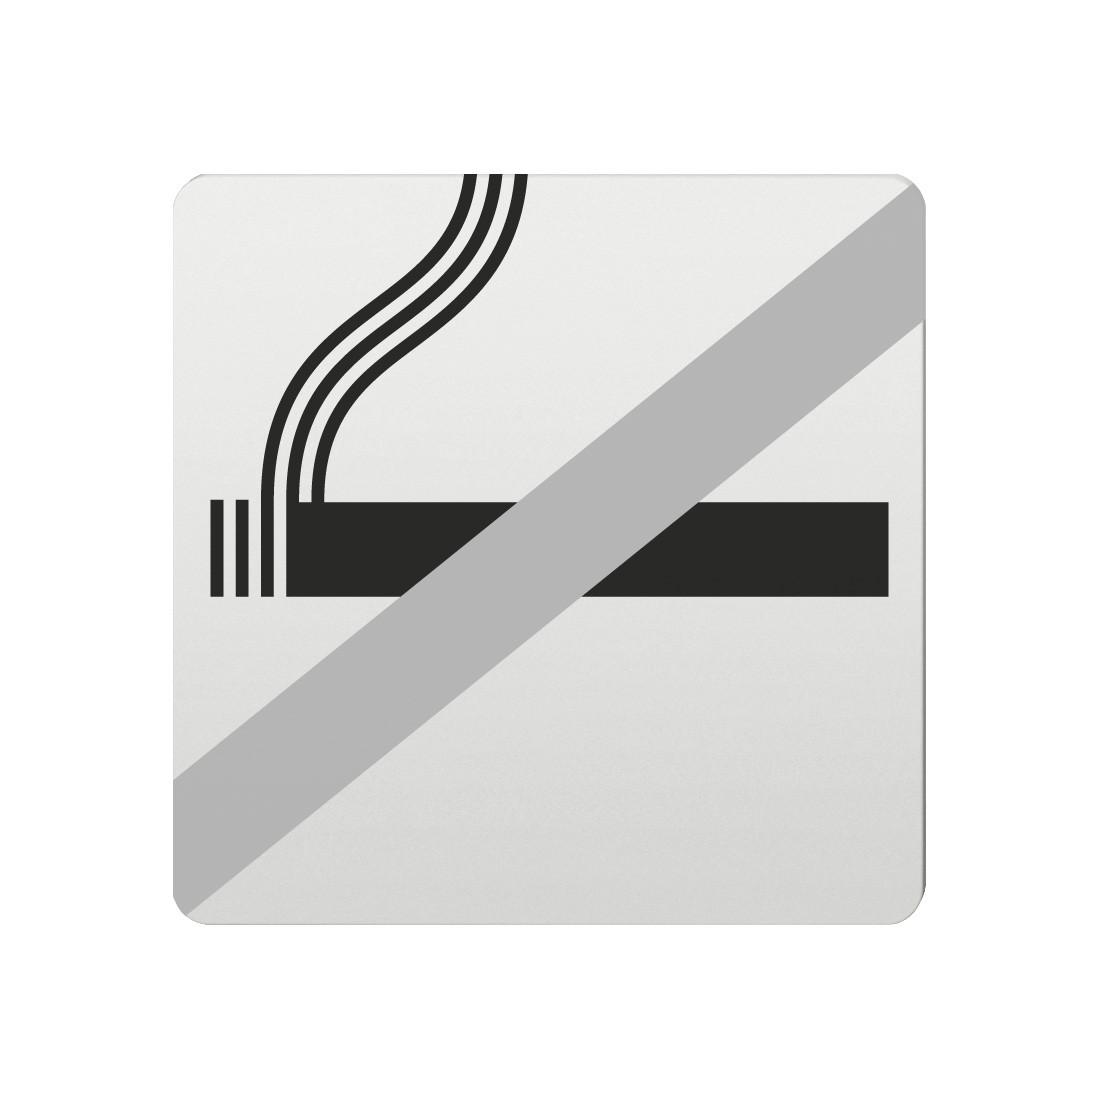 FSB Hinweiszeichen Rauchen verboten Lasergraviert Aluminium naturfarbig (0 36 4059 00030 0105)